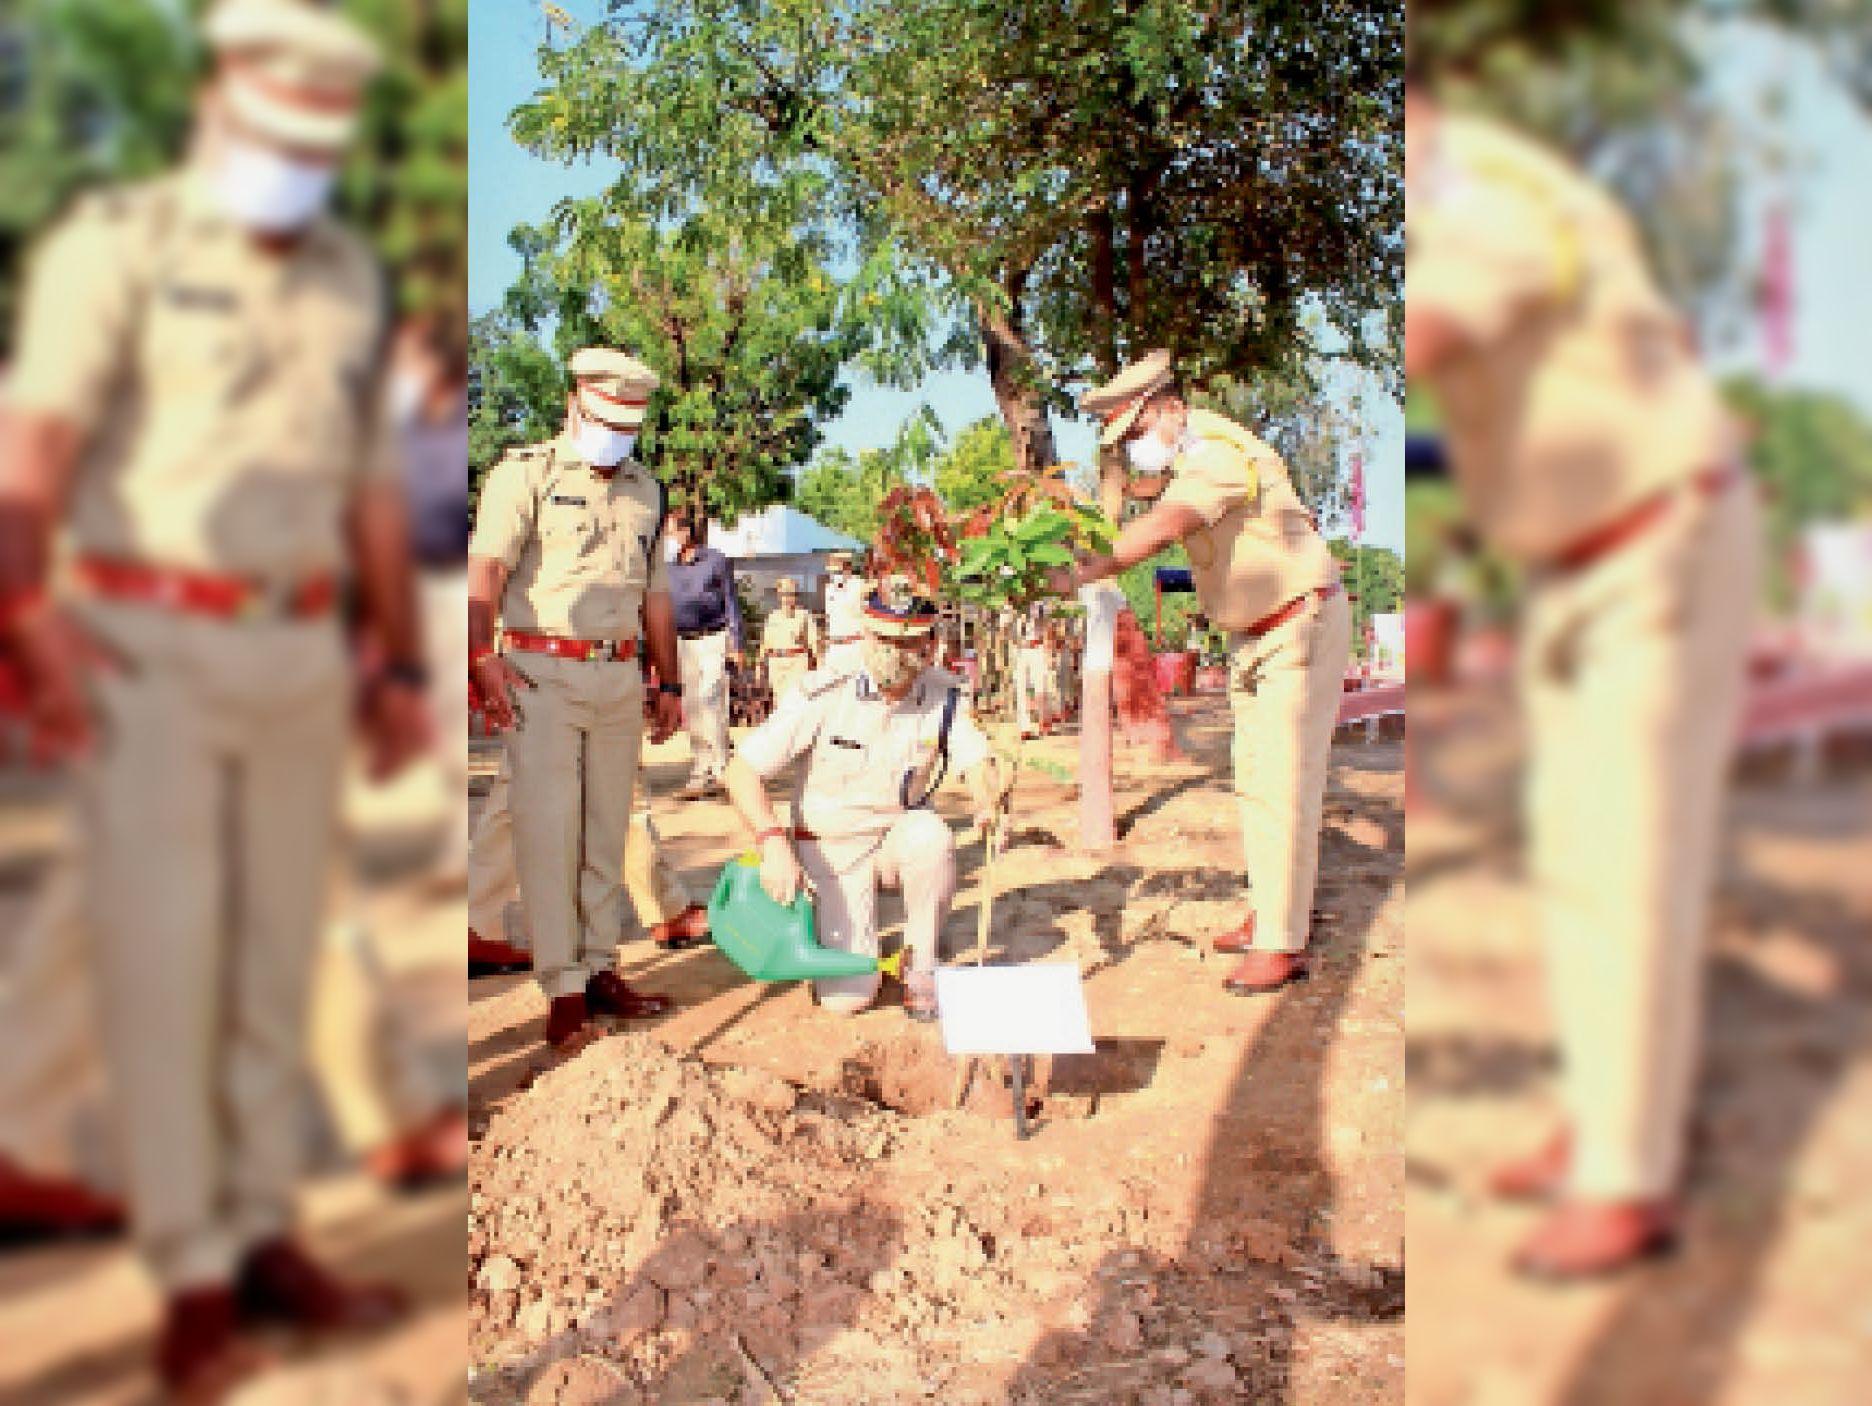 शहीद दिवस पर पुलिसकर्मियों ने किया रक्तदान, पौधे लगाए|कोटा,Kota - Dainik Bhaskar